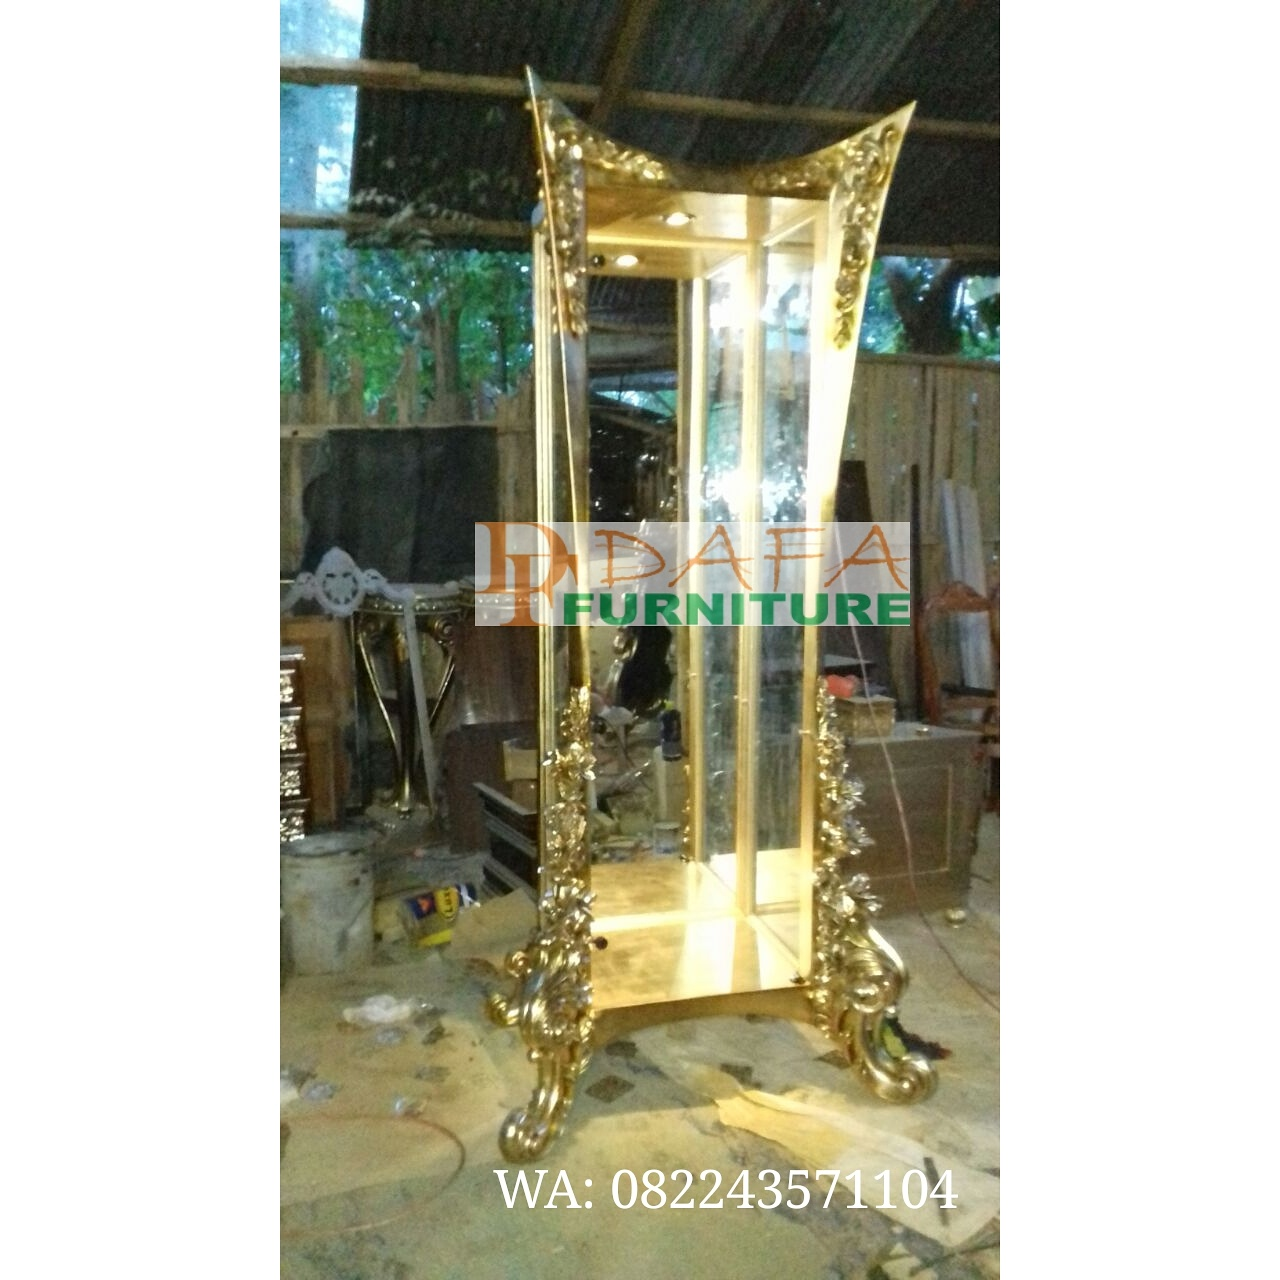 Lemari Kaca Ruang Tamu Mewah Ukir Emas Terbaru